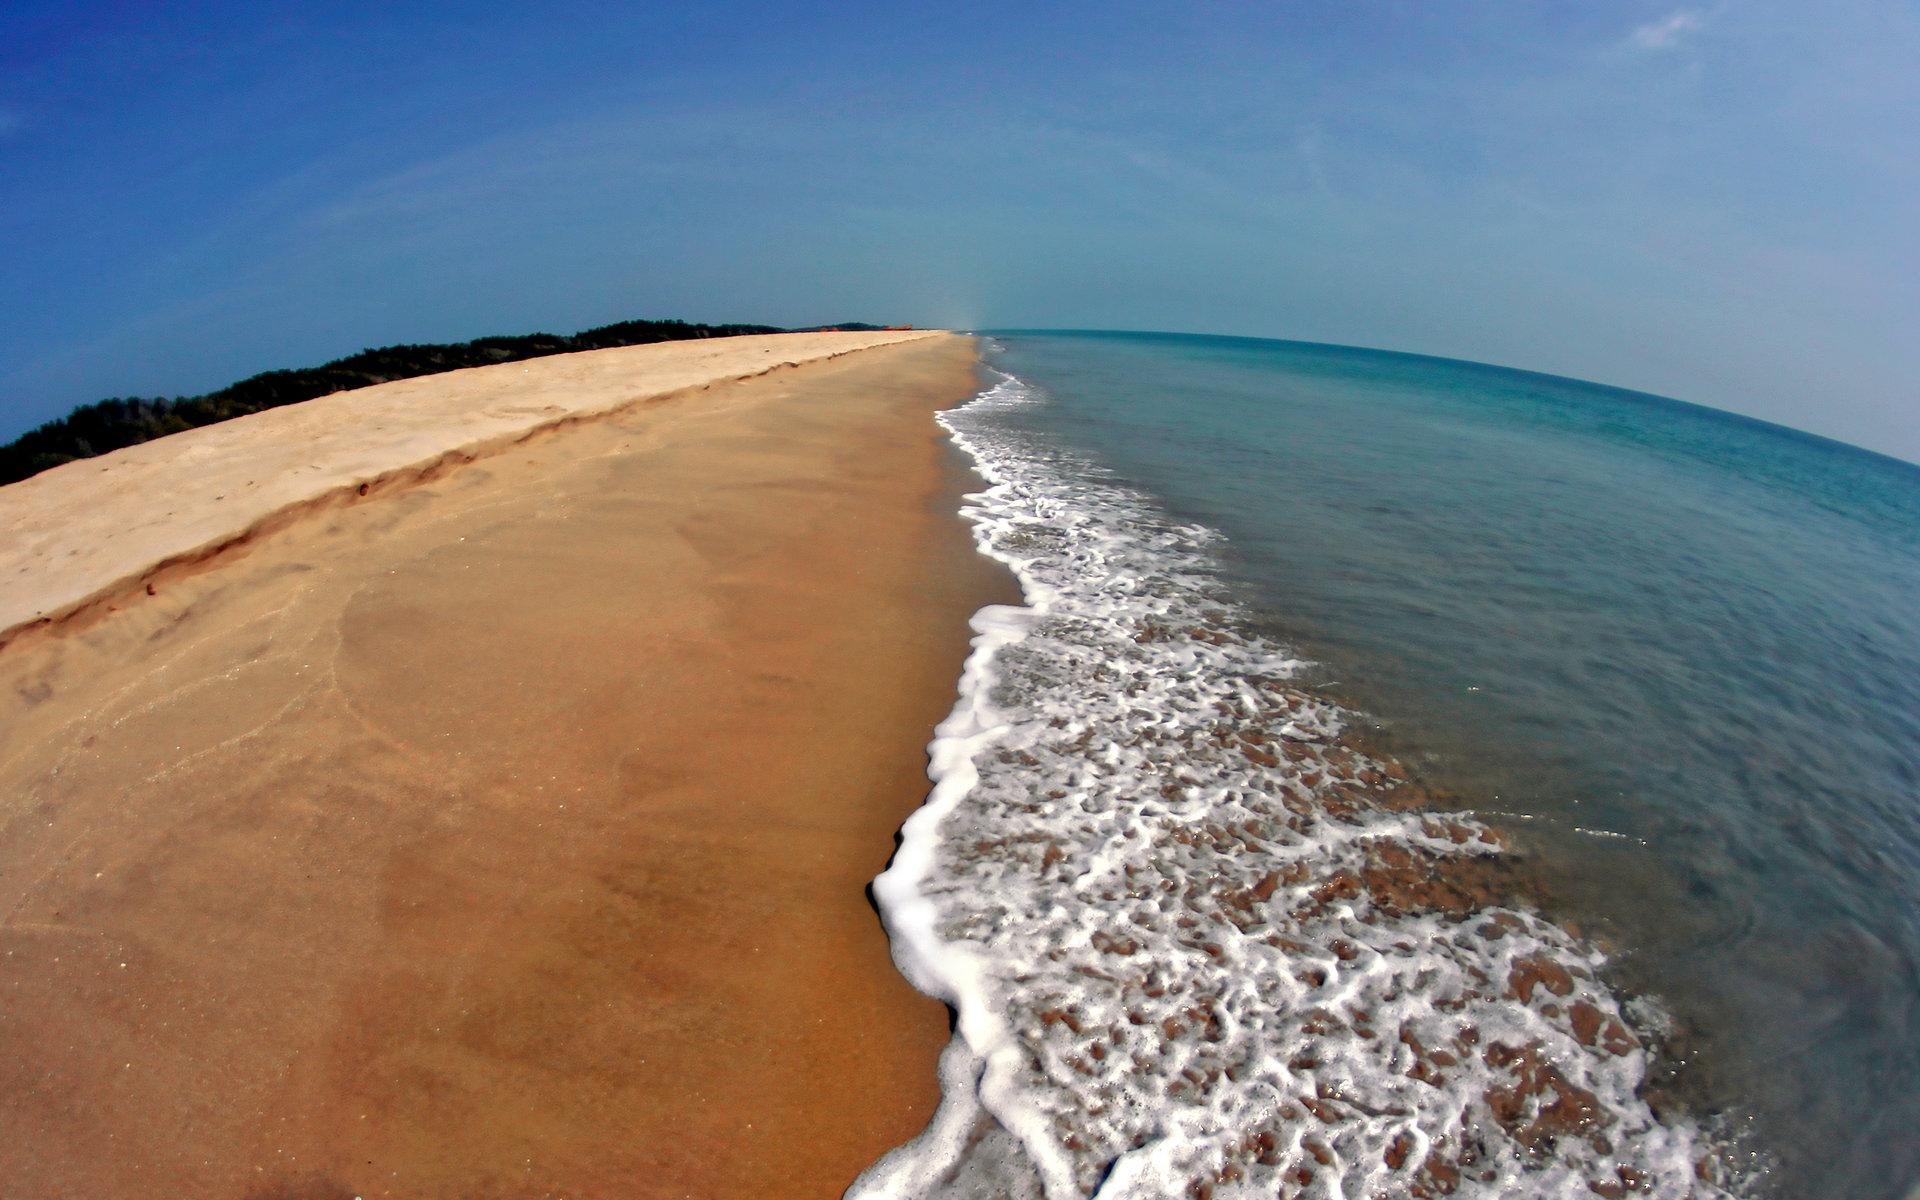 Плажът в Индия | Author Мария Митрева - mentolkata | PHOTO FORUM